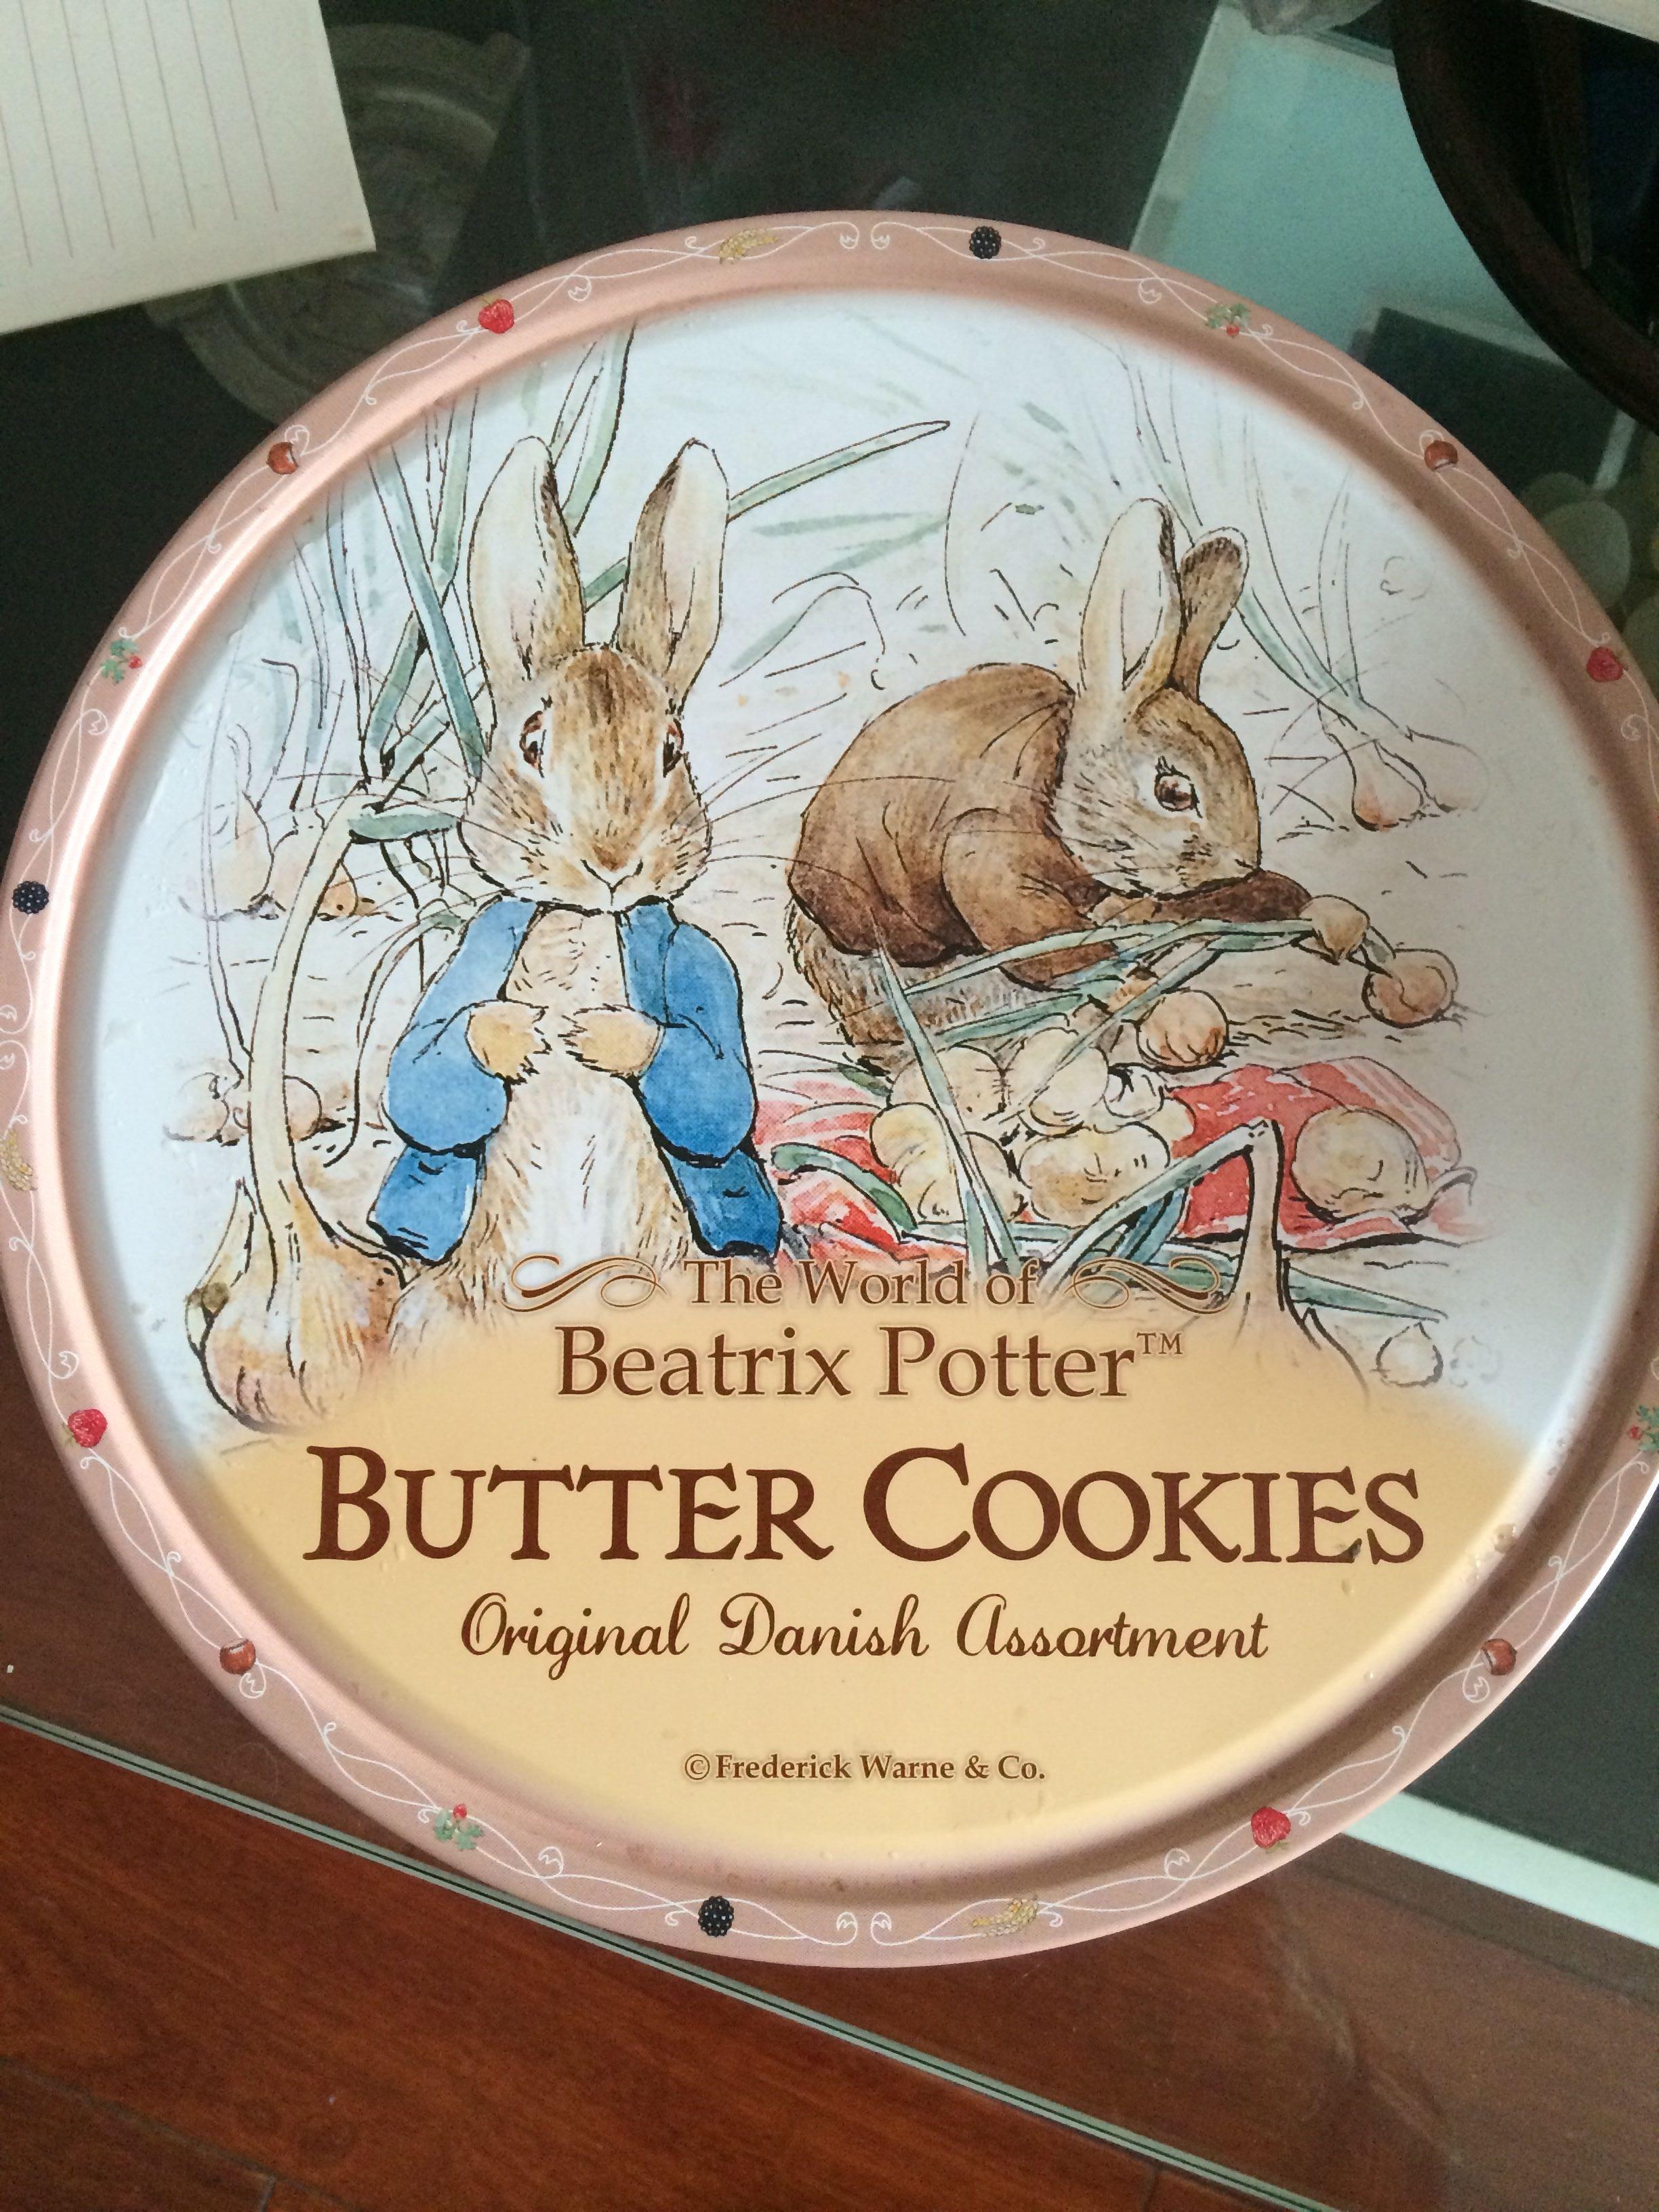 Beatrix Potter Butter Cookies - 产品 - en